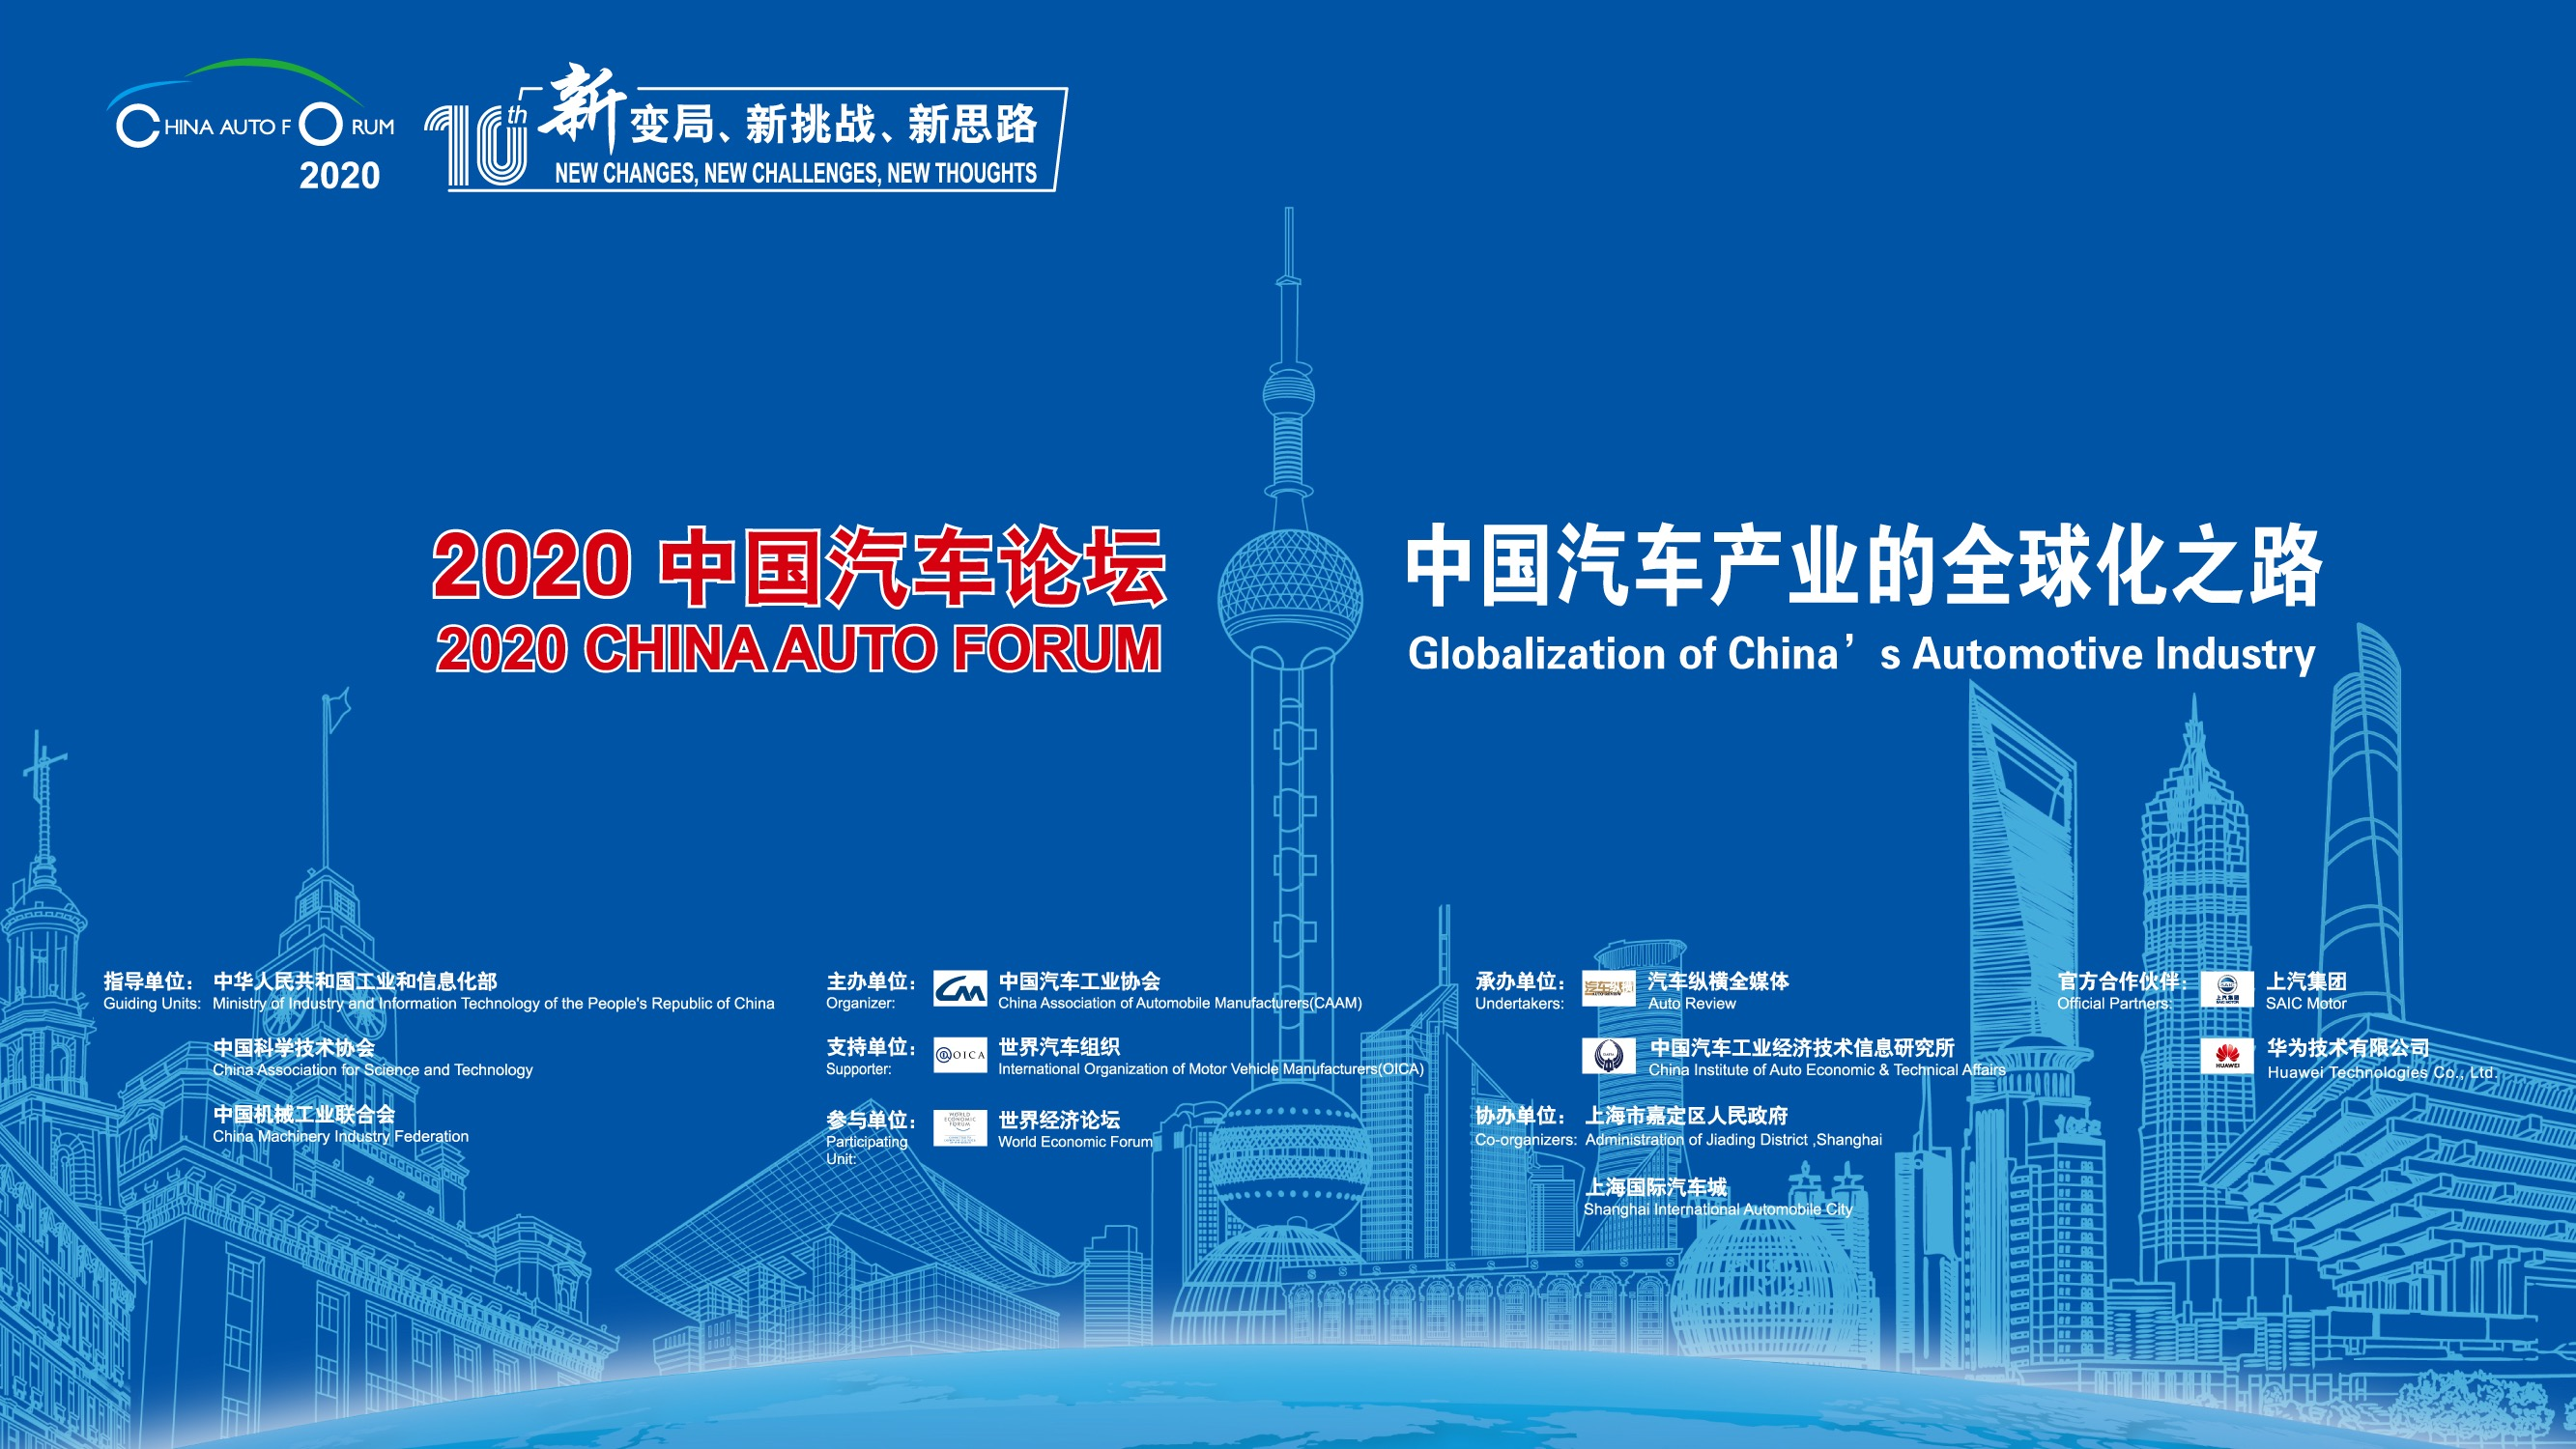 新变局、新挑战、新思路——中国汽车产业的全球化之路